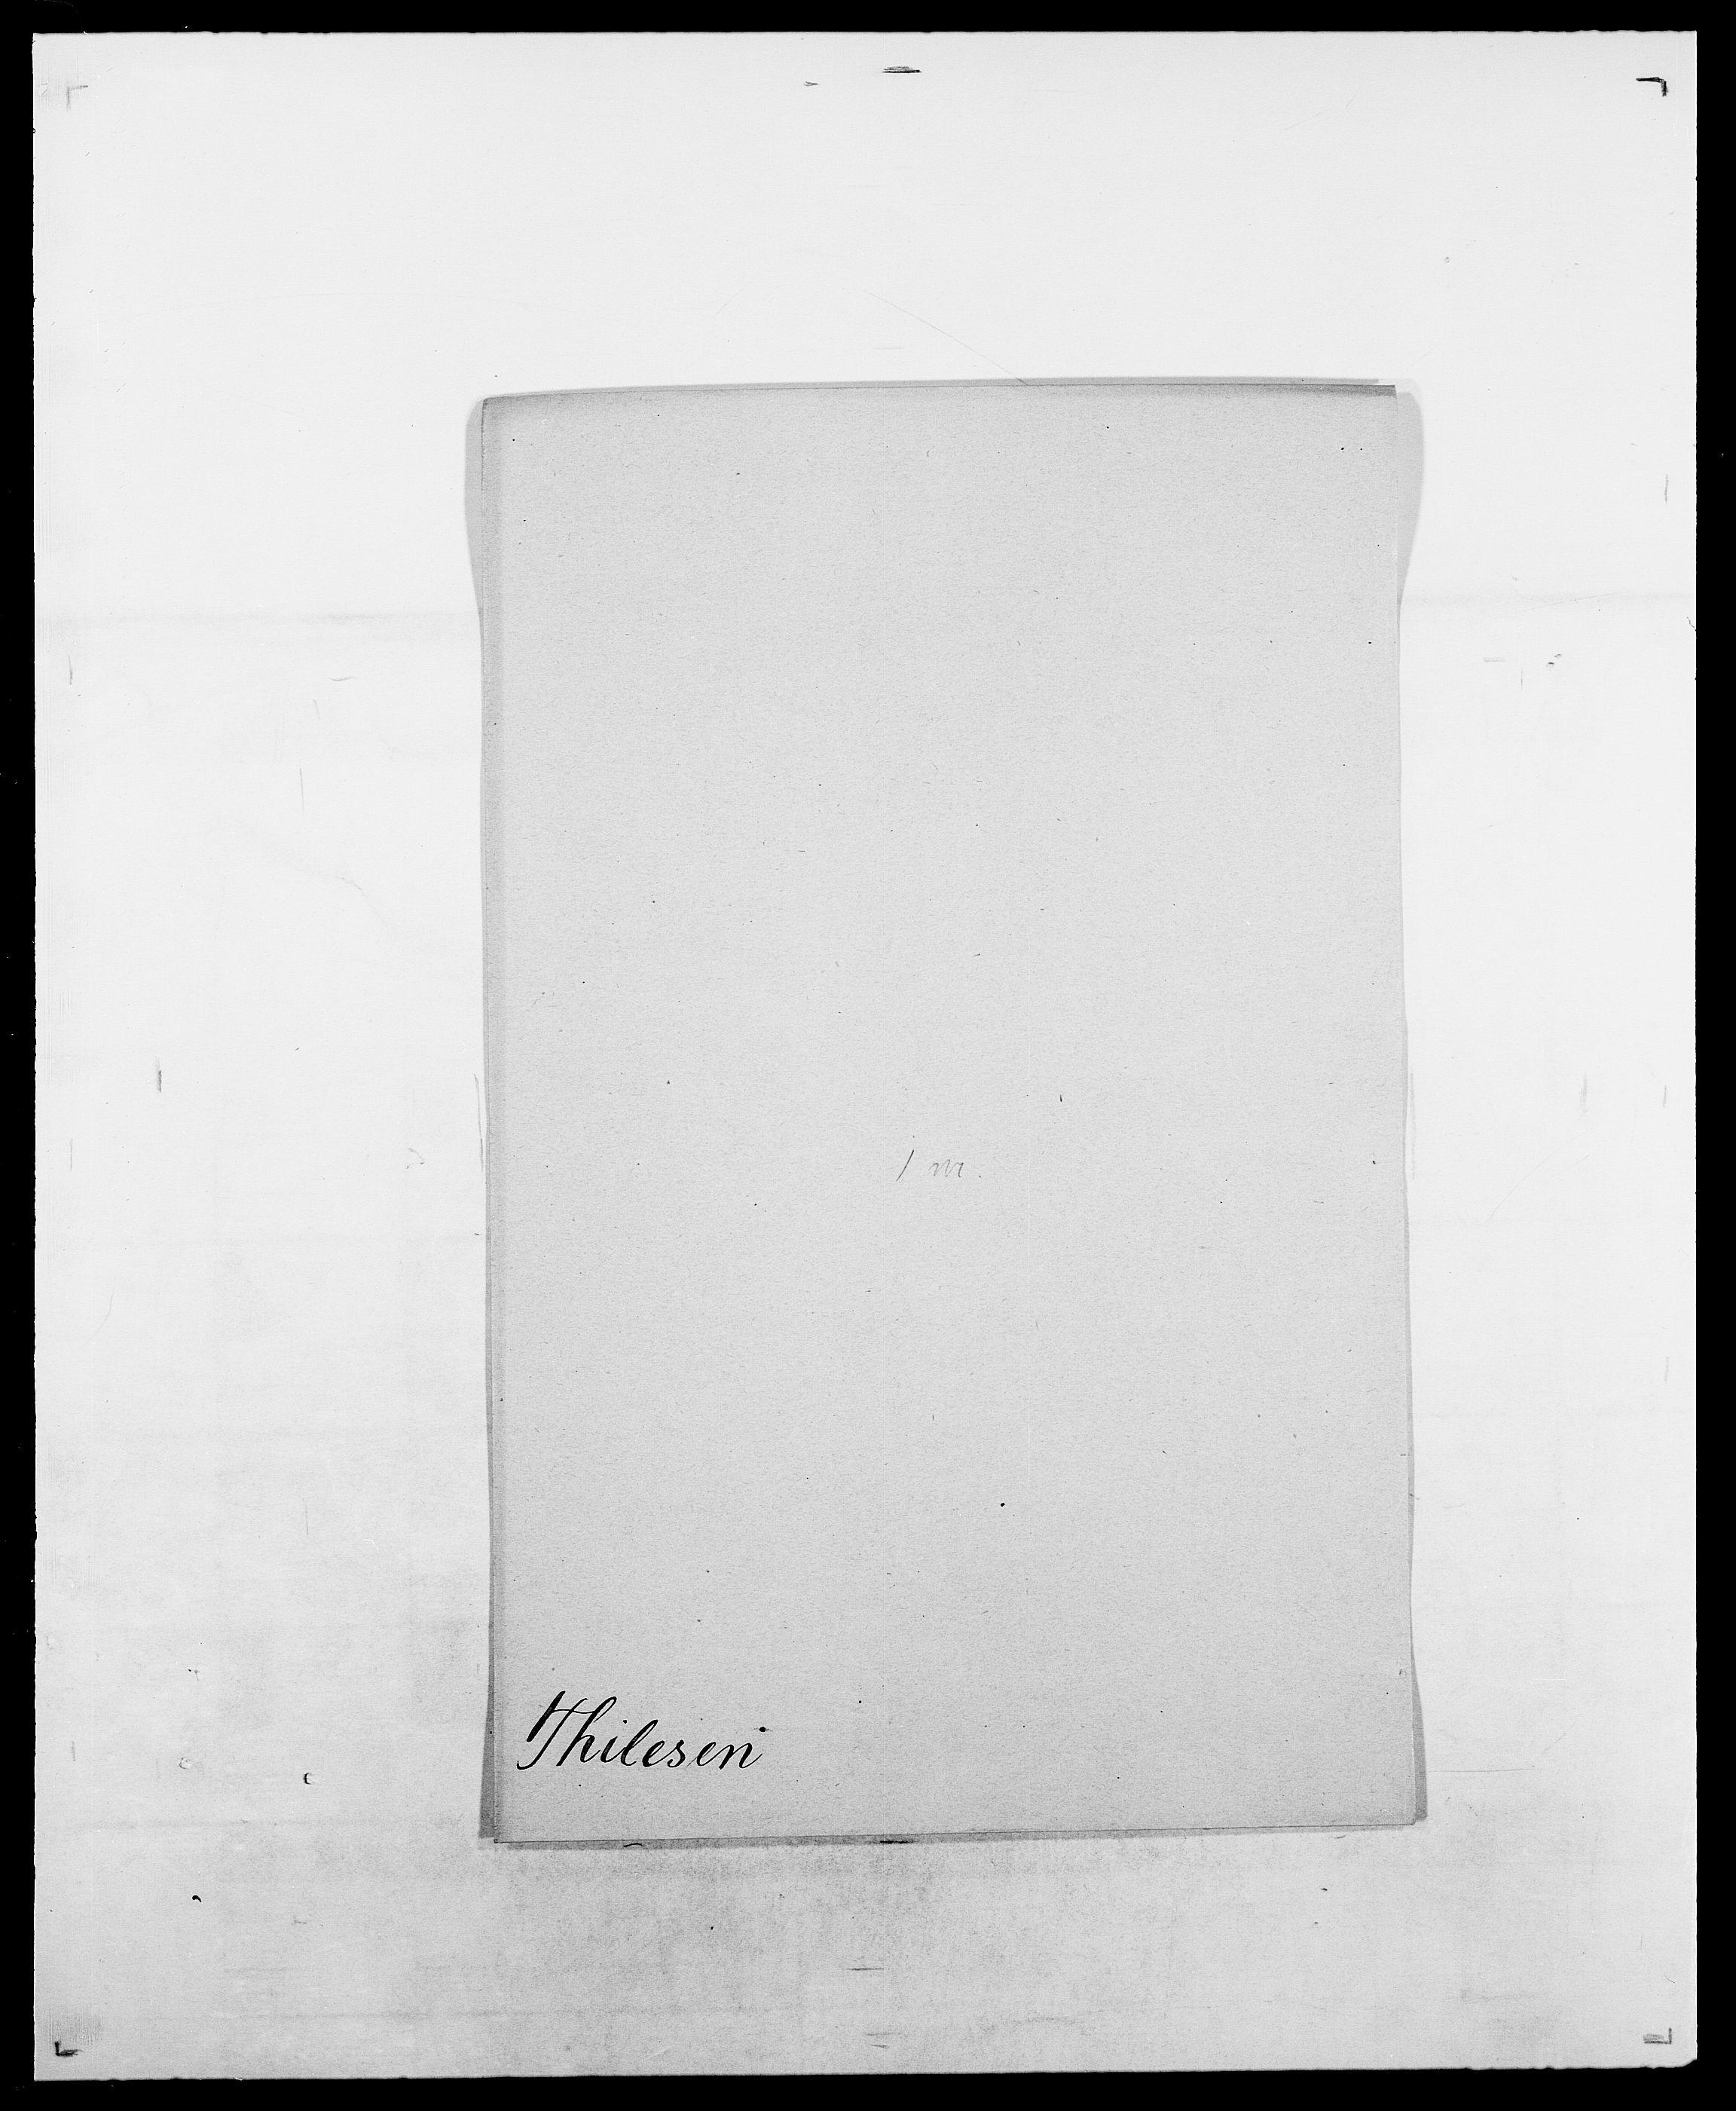 SAO, Delgobe, Charles Antoine - samling, D/Da/L0038: Svanenskjold - Thornsohn, s. 721